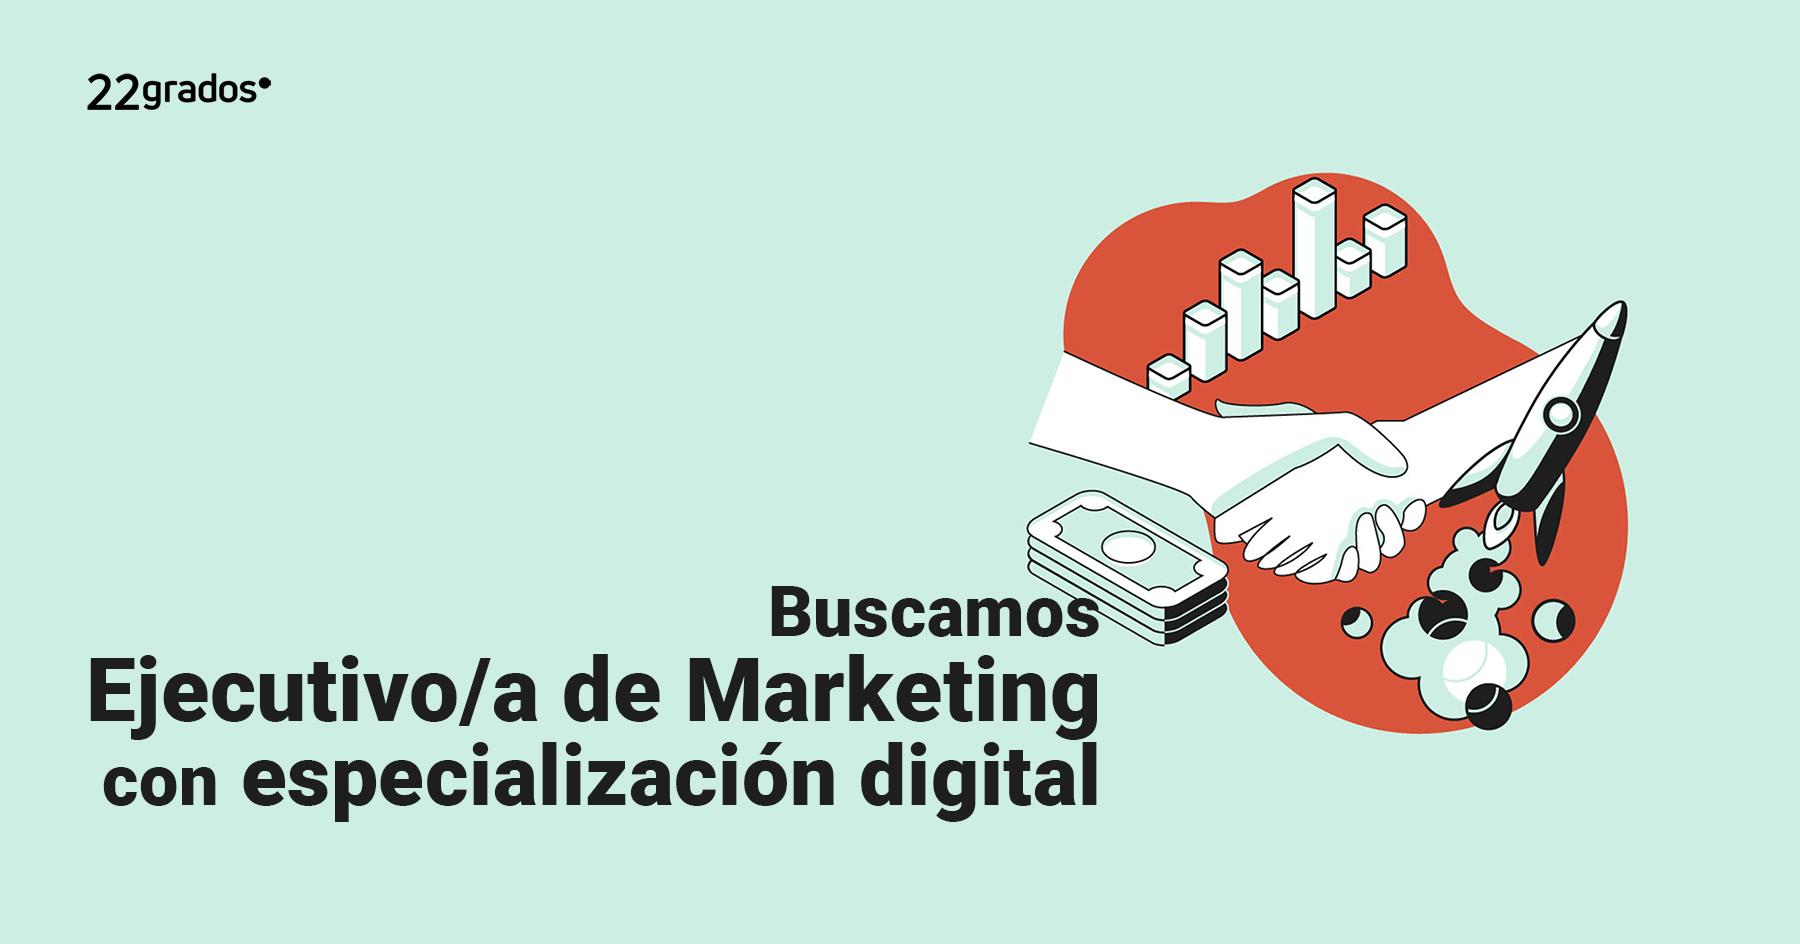 Buscamos Ejecutivo/a de Marketing, especialización digital